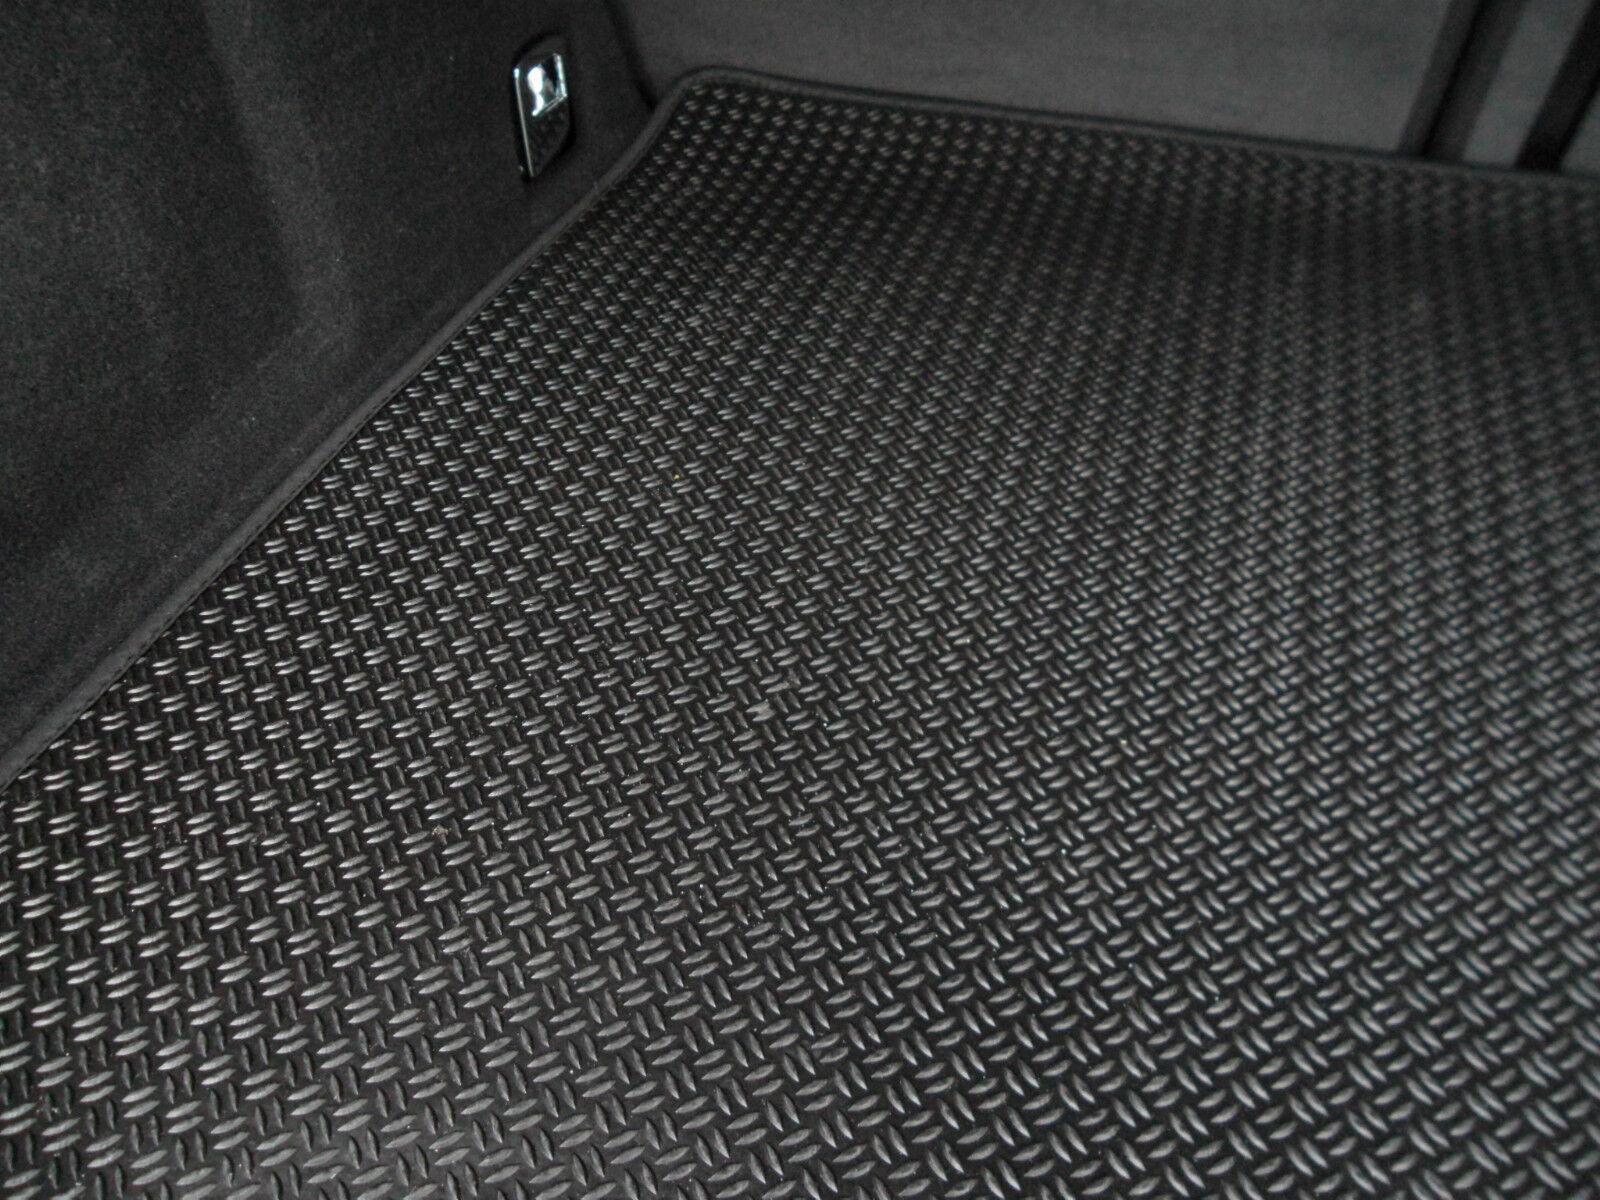 $$$ Kofferraummatte für Audi SQ5 Q5 8R Ladekantenschutz Laderaummatte Velours